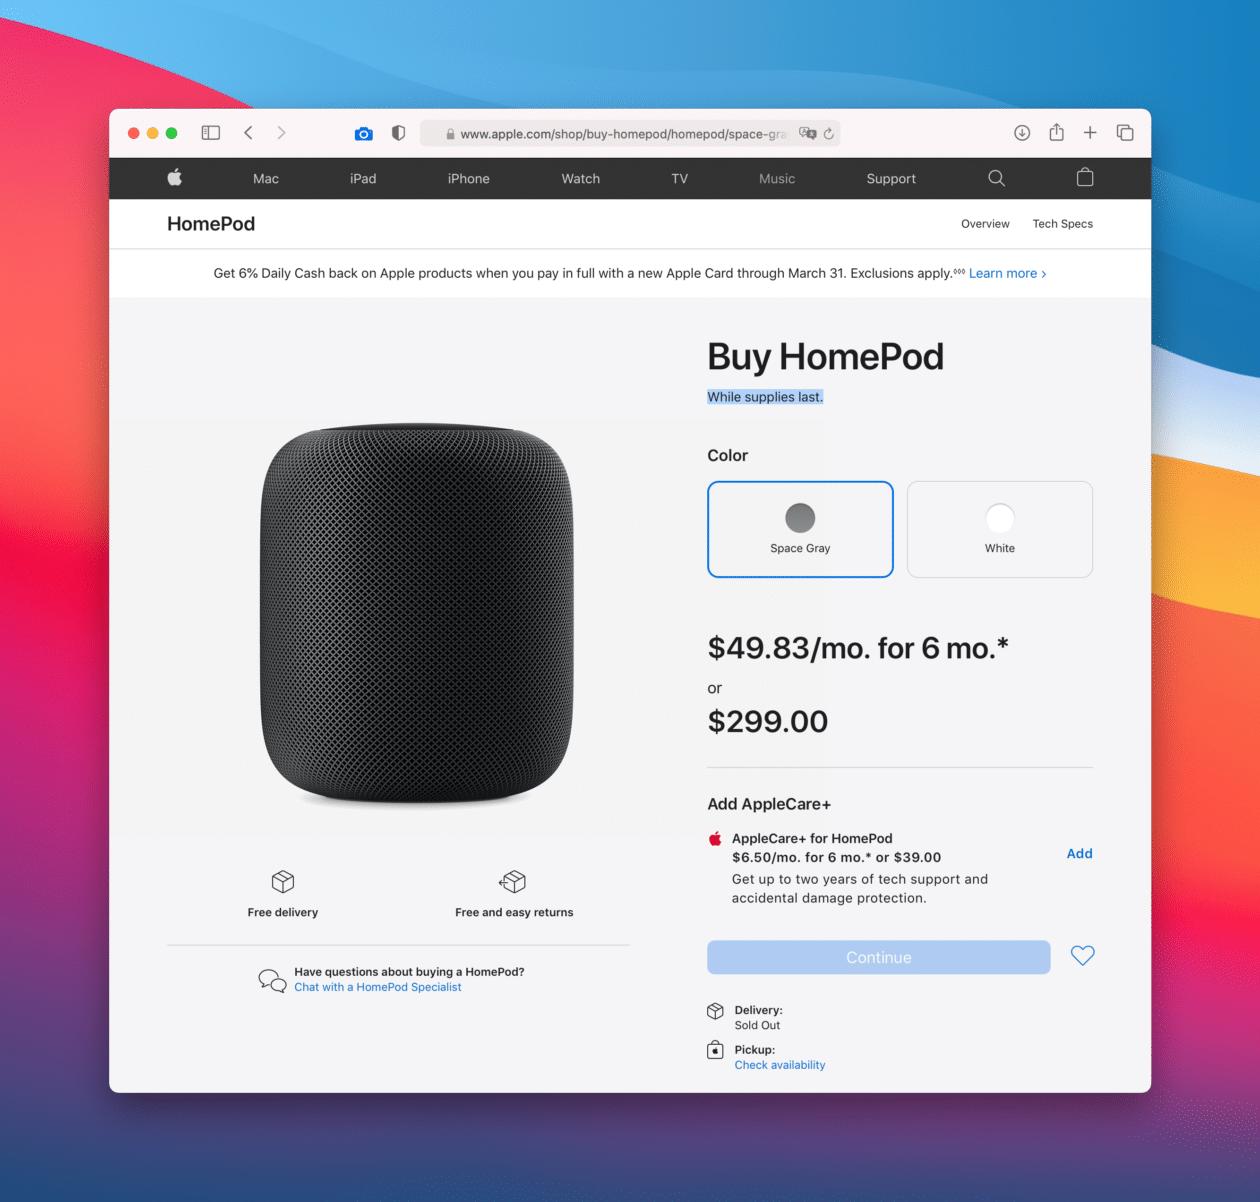 Página de compra do HomePod